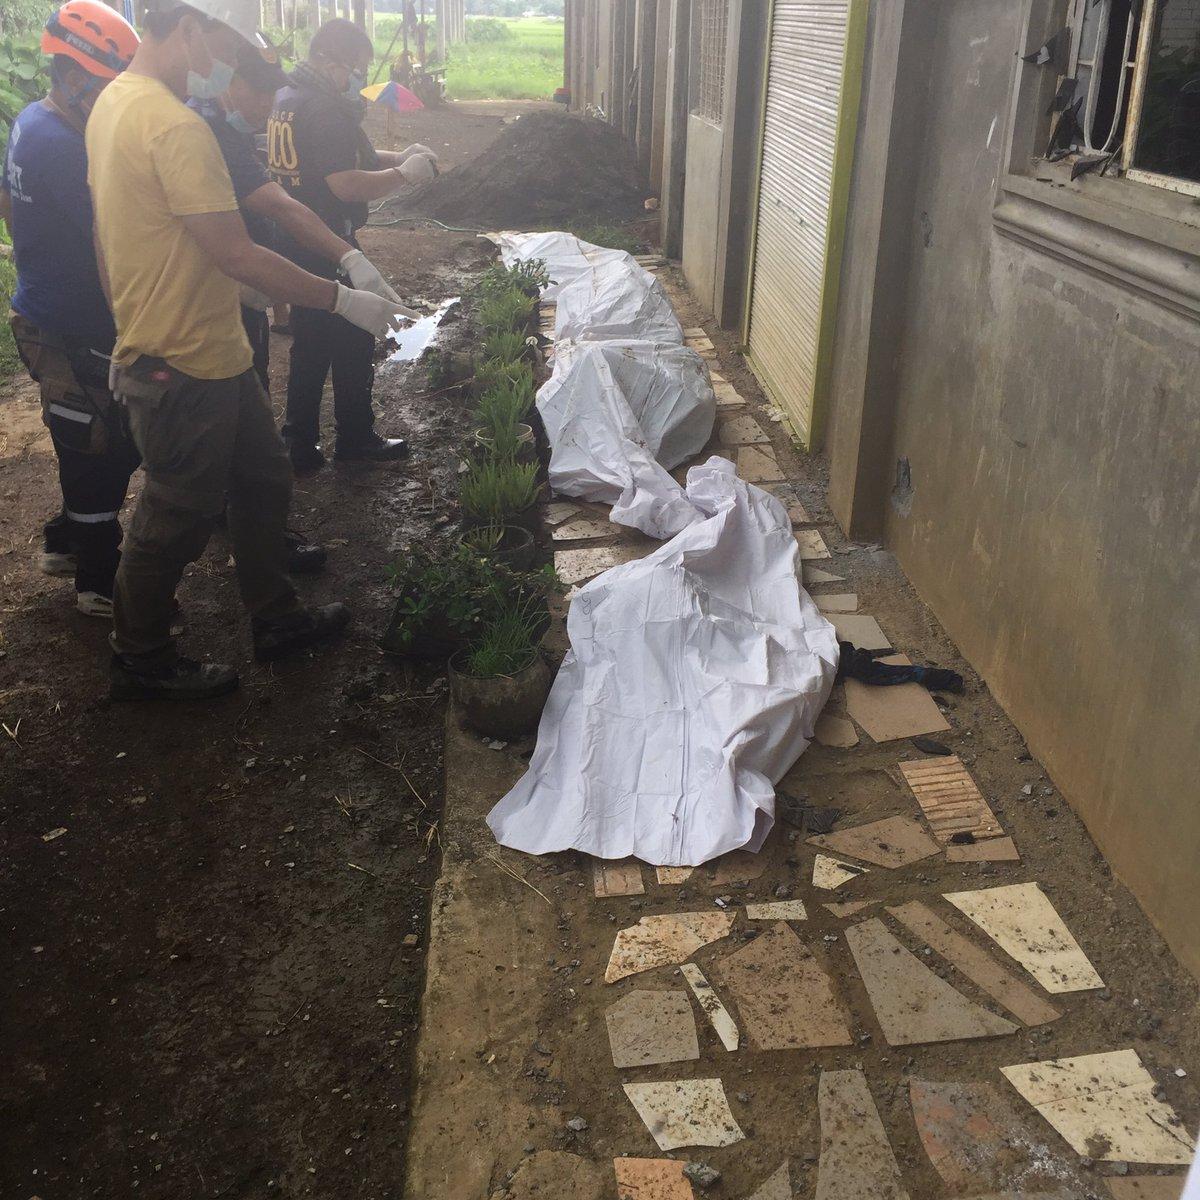 Χάος στις Ν.Φιλιππίνες: Οι Τζιχαντιστές εκτελούν γυναίκες και παιδιά – 95 νεκροί – Ρ.Ντουτέρτε: «Ήθελαν να πολεμήσω την Κίνα – Σύναψα συμμαχία με Πεκίνο-Μόσχα» – Σκληρές σκηνές (βίντεο) - Εικόνα0